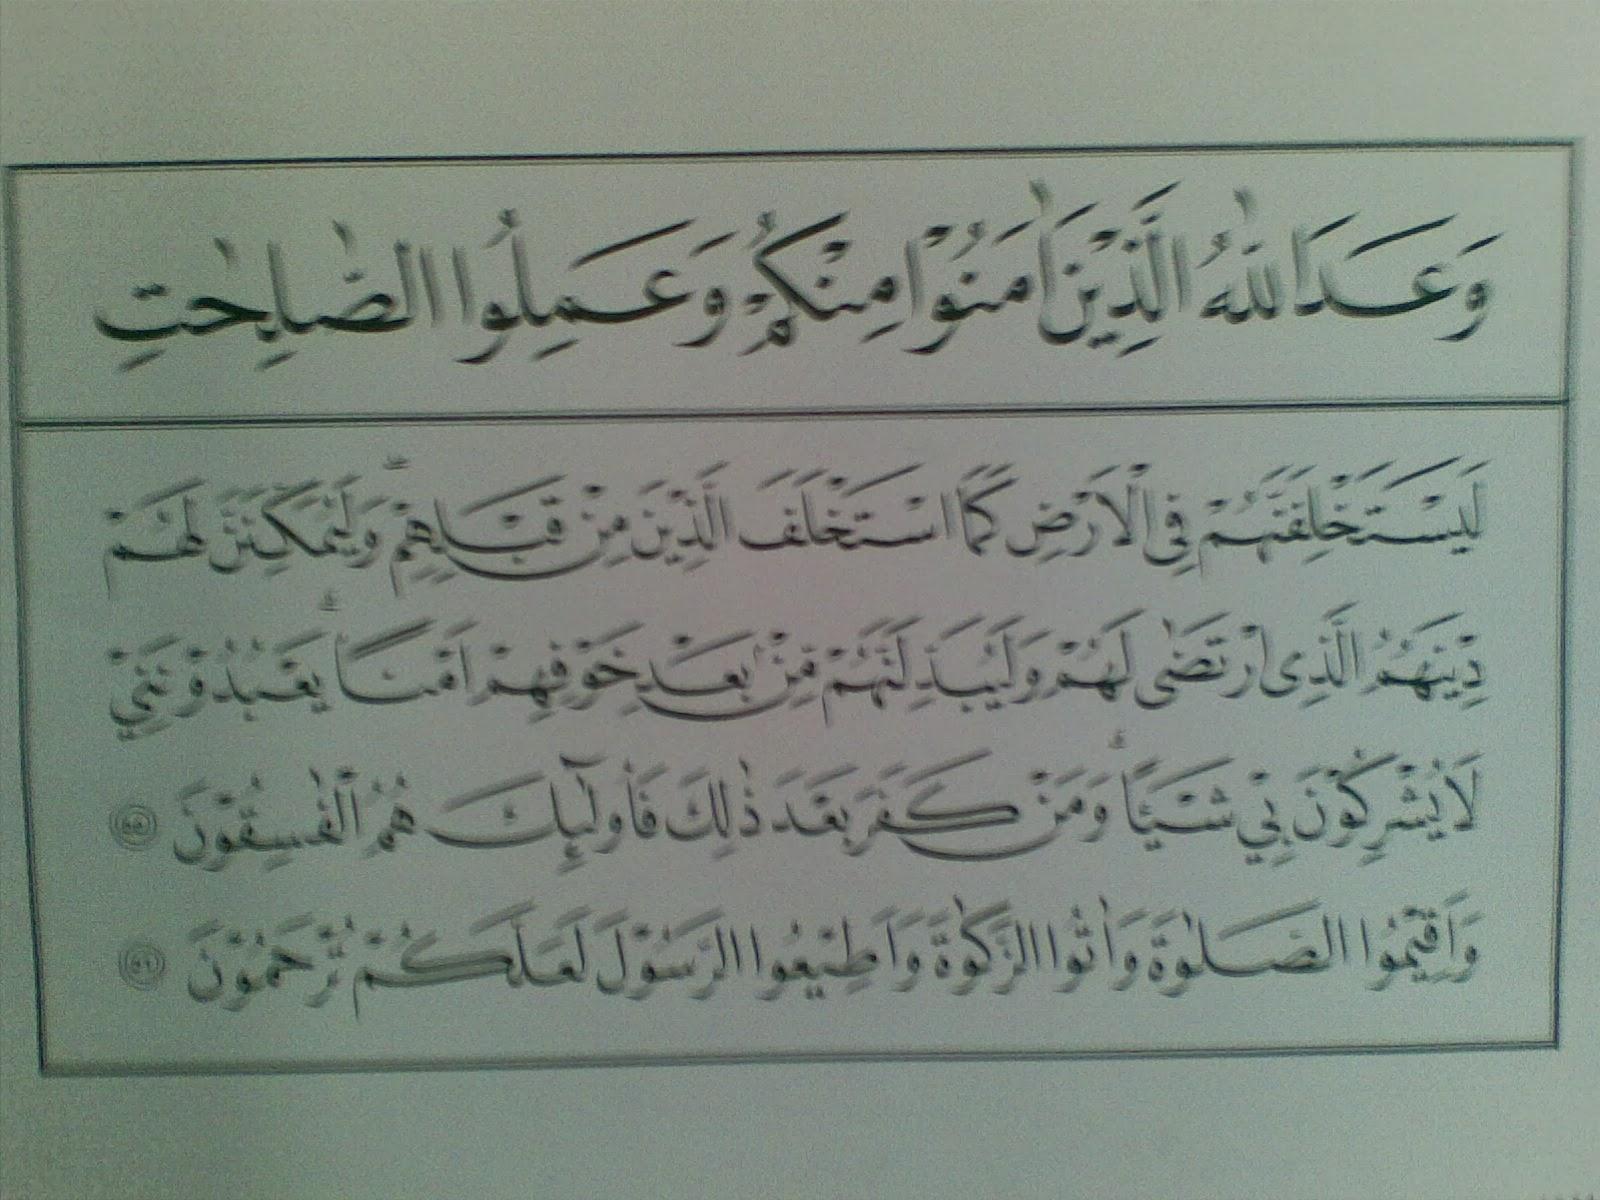 kaligrafi naskhi/naskah